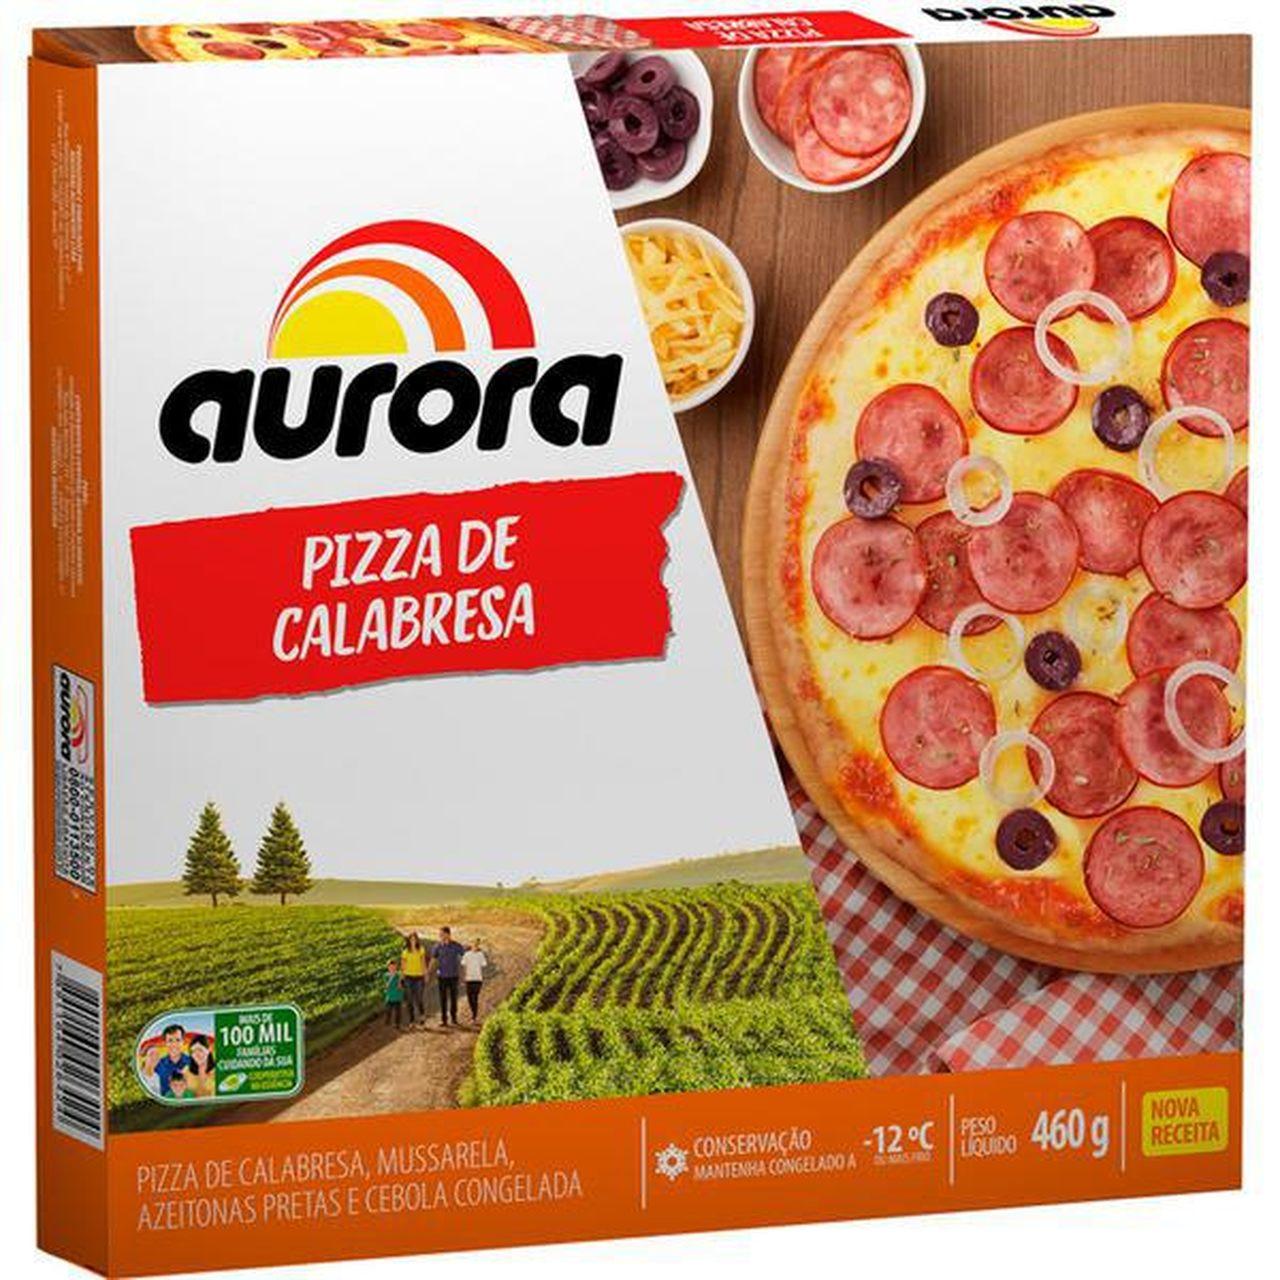 PIZZA CALABRESA AURORA 460G  - JJPIVOTTO - Comercio de Frutas